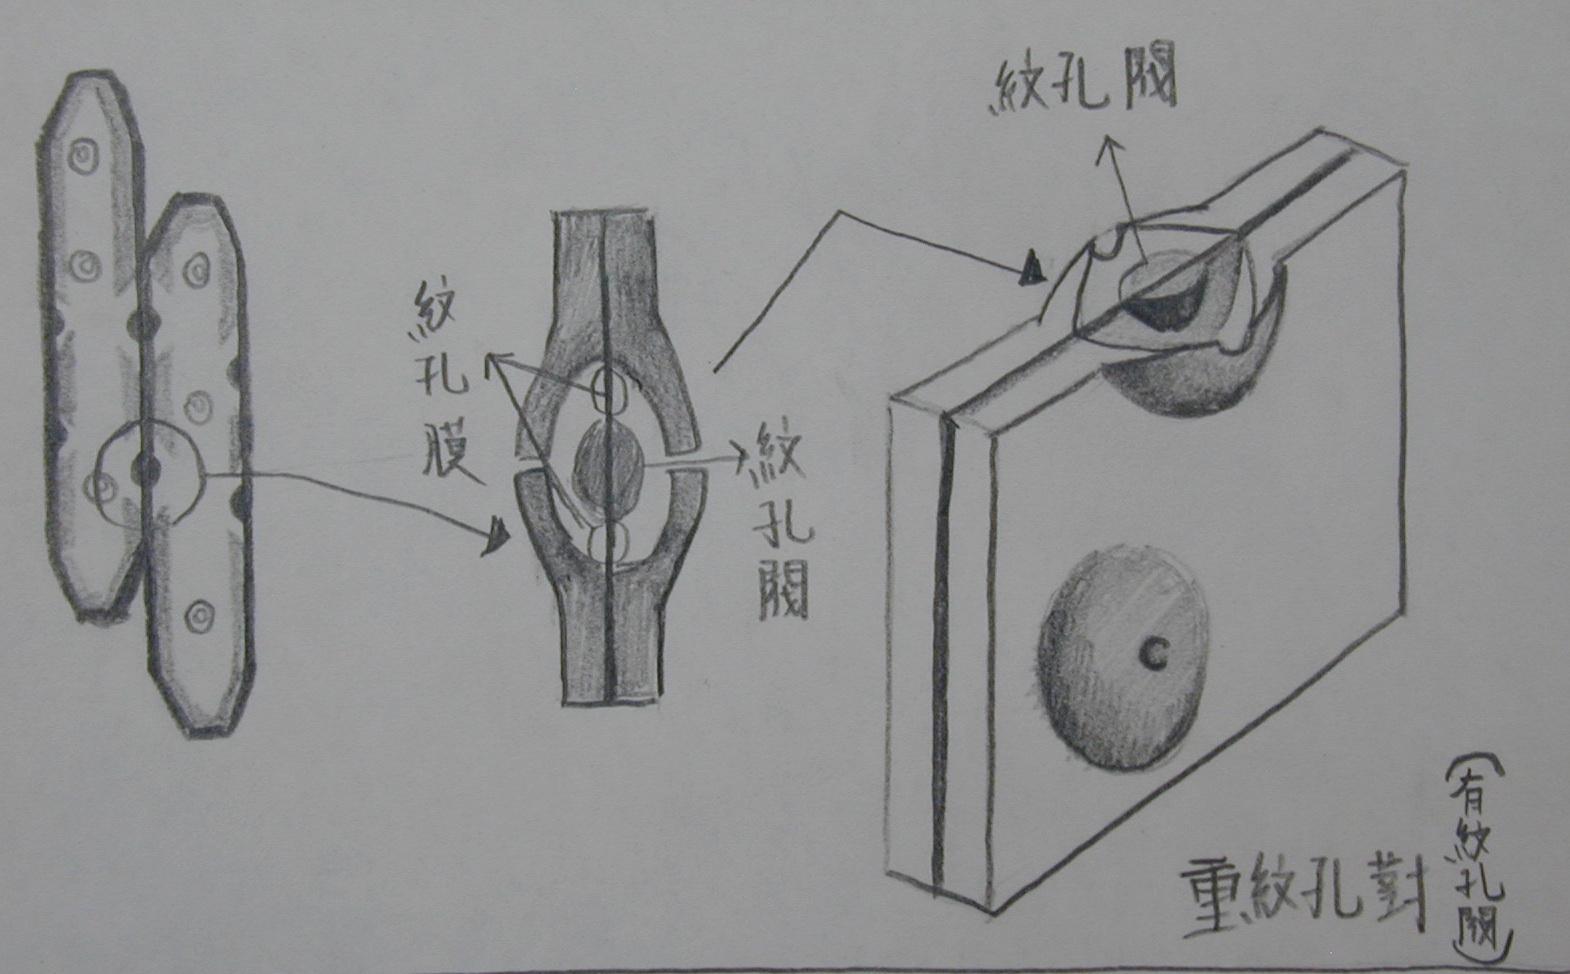 99木材组织实习(6a)–学生手绘版木材细胞的纹孔